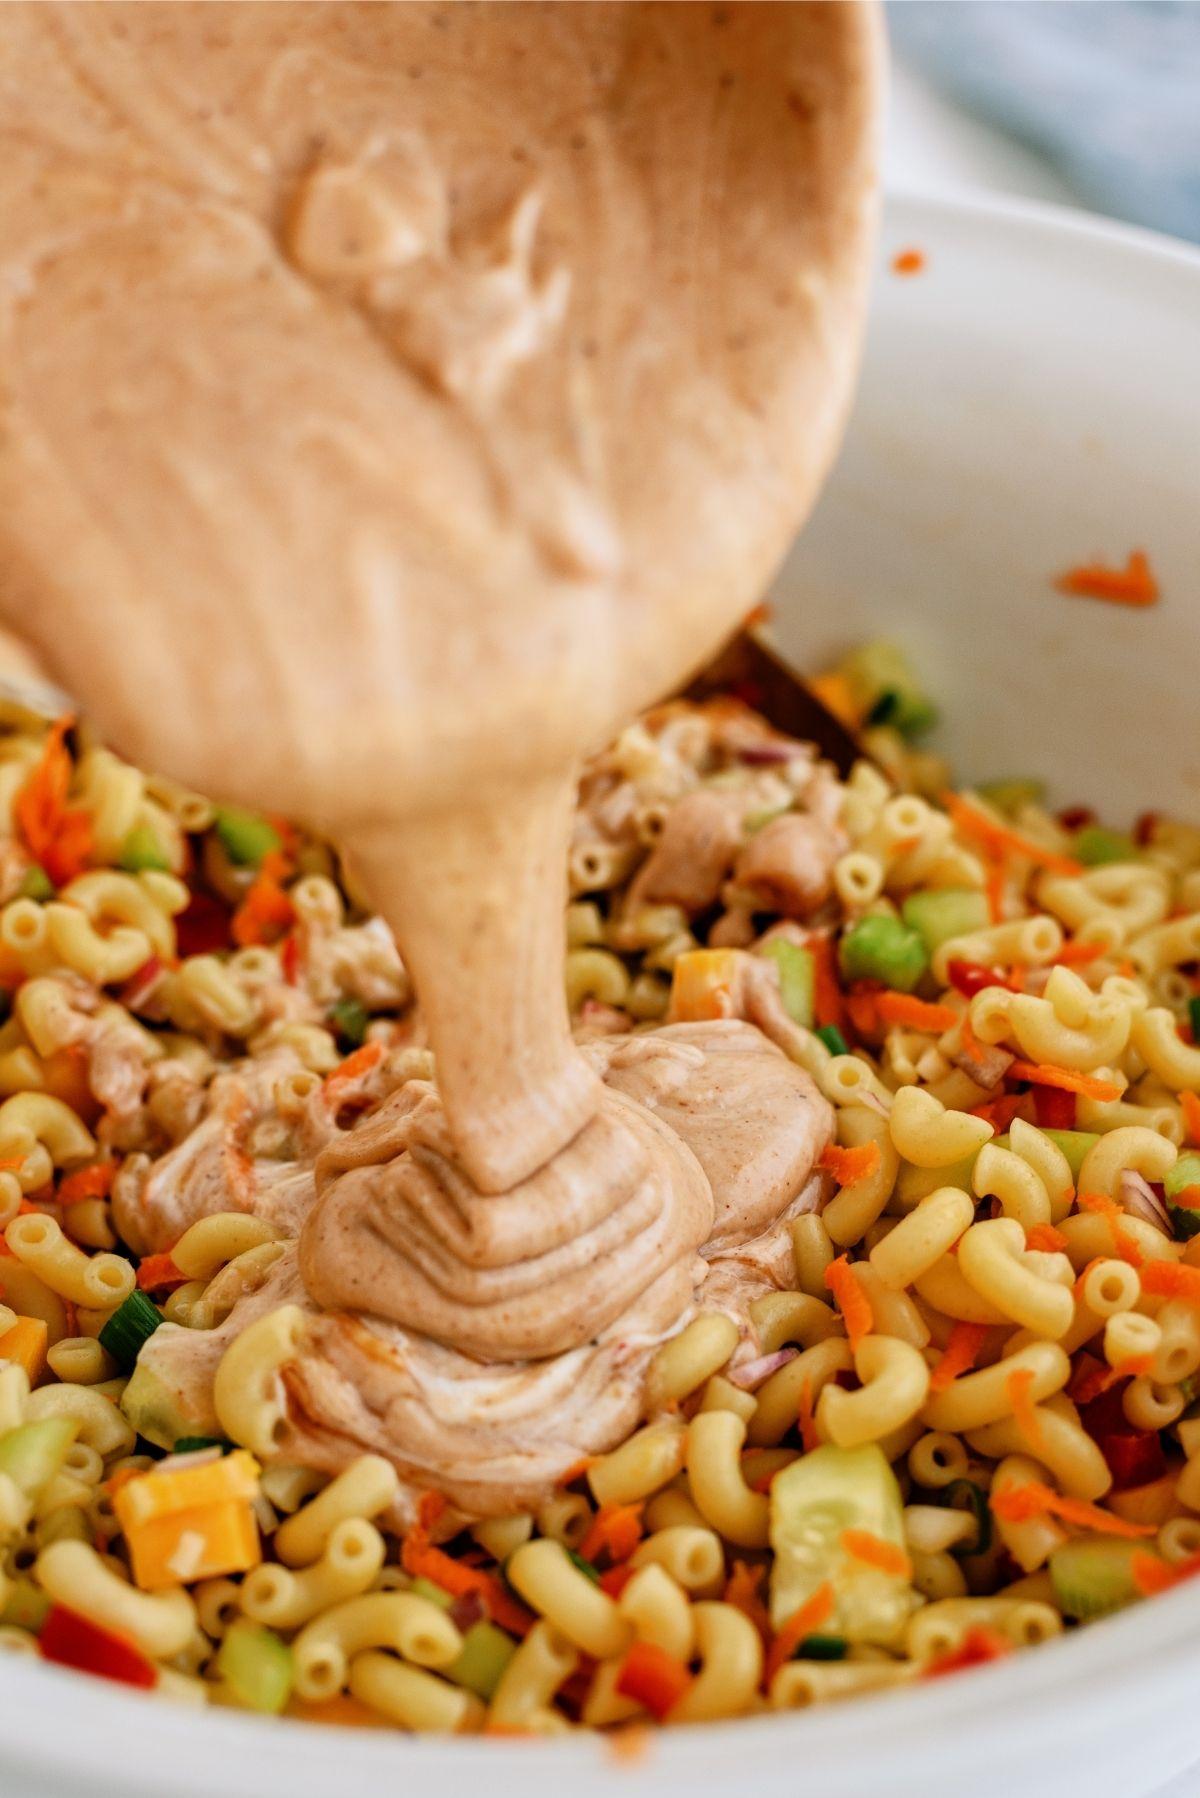 Pouring sauce on BBQ Macaroni Salad